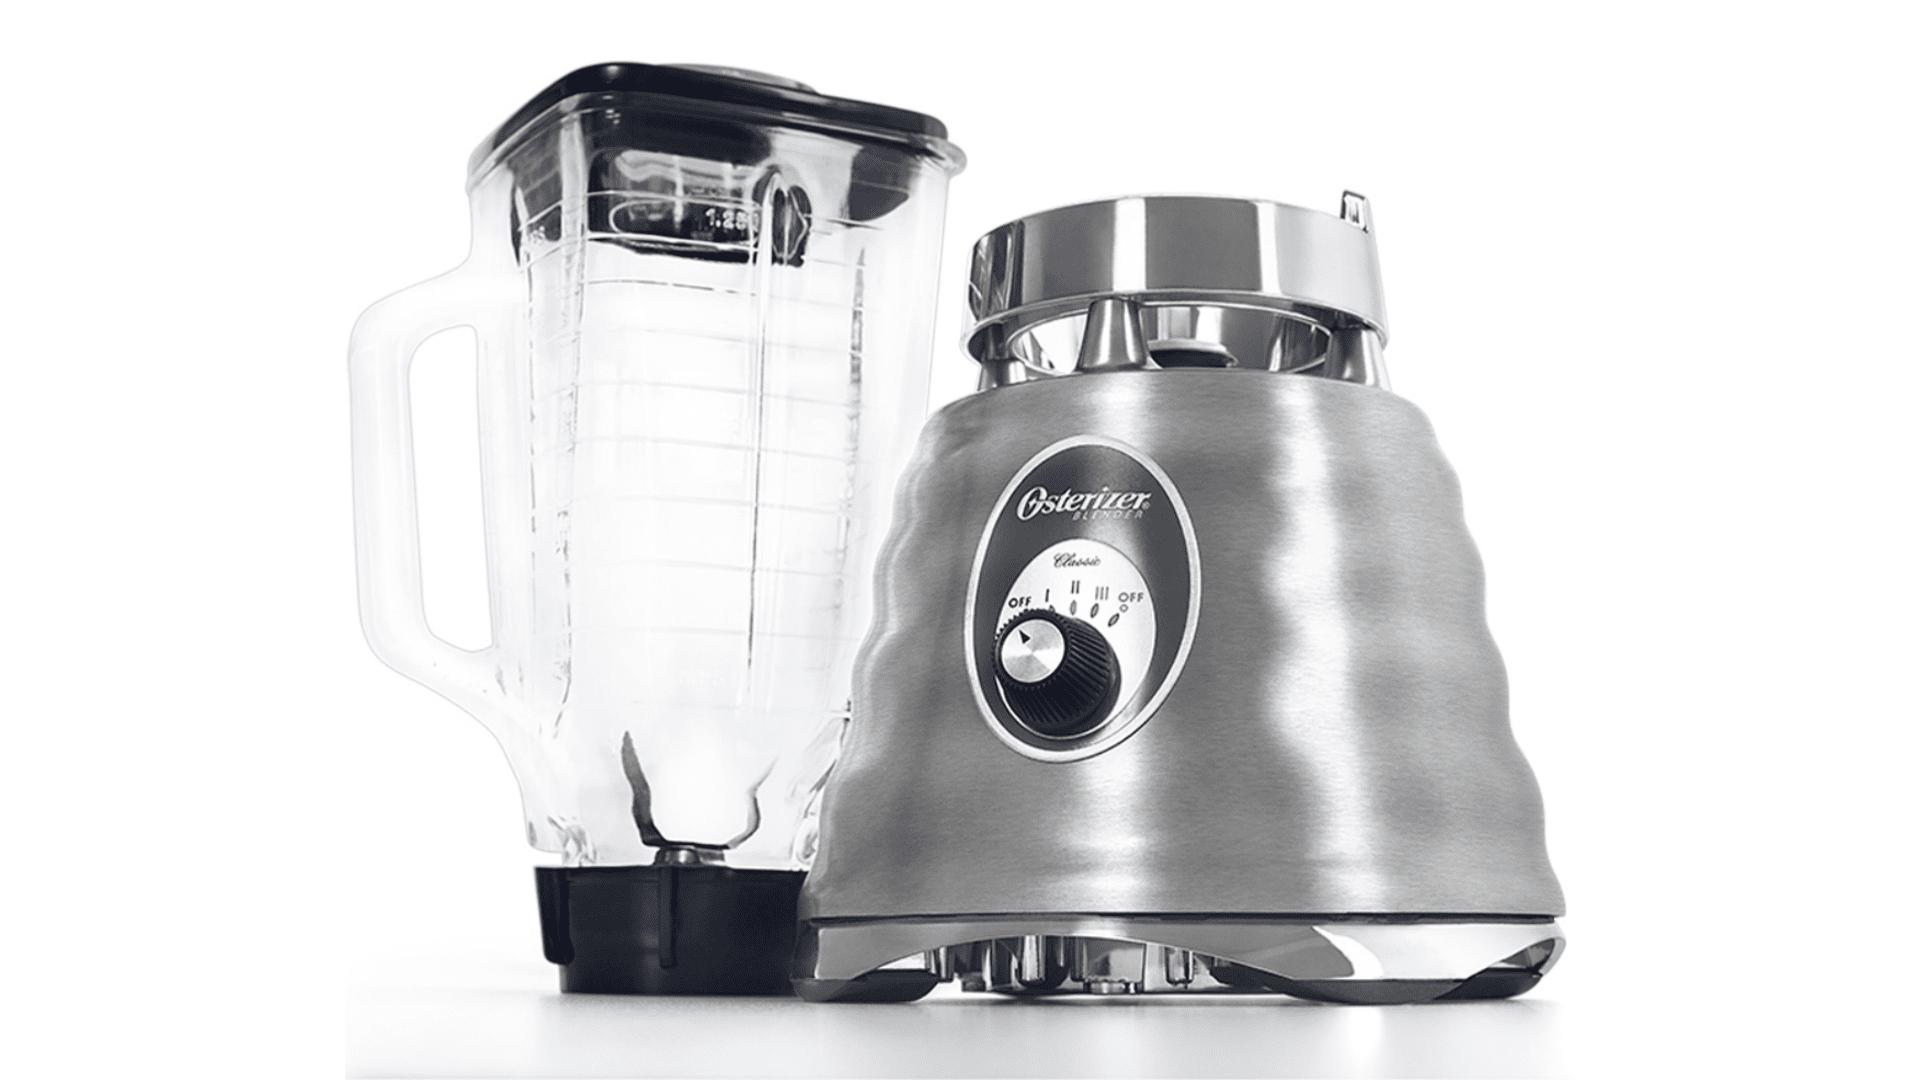 O modelo de liquidificador da Oster atende uma família pequena (Imagem: Divulgação/Oster)